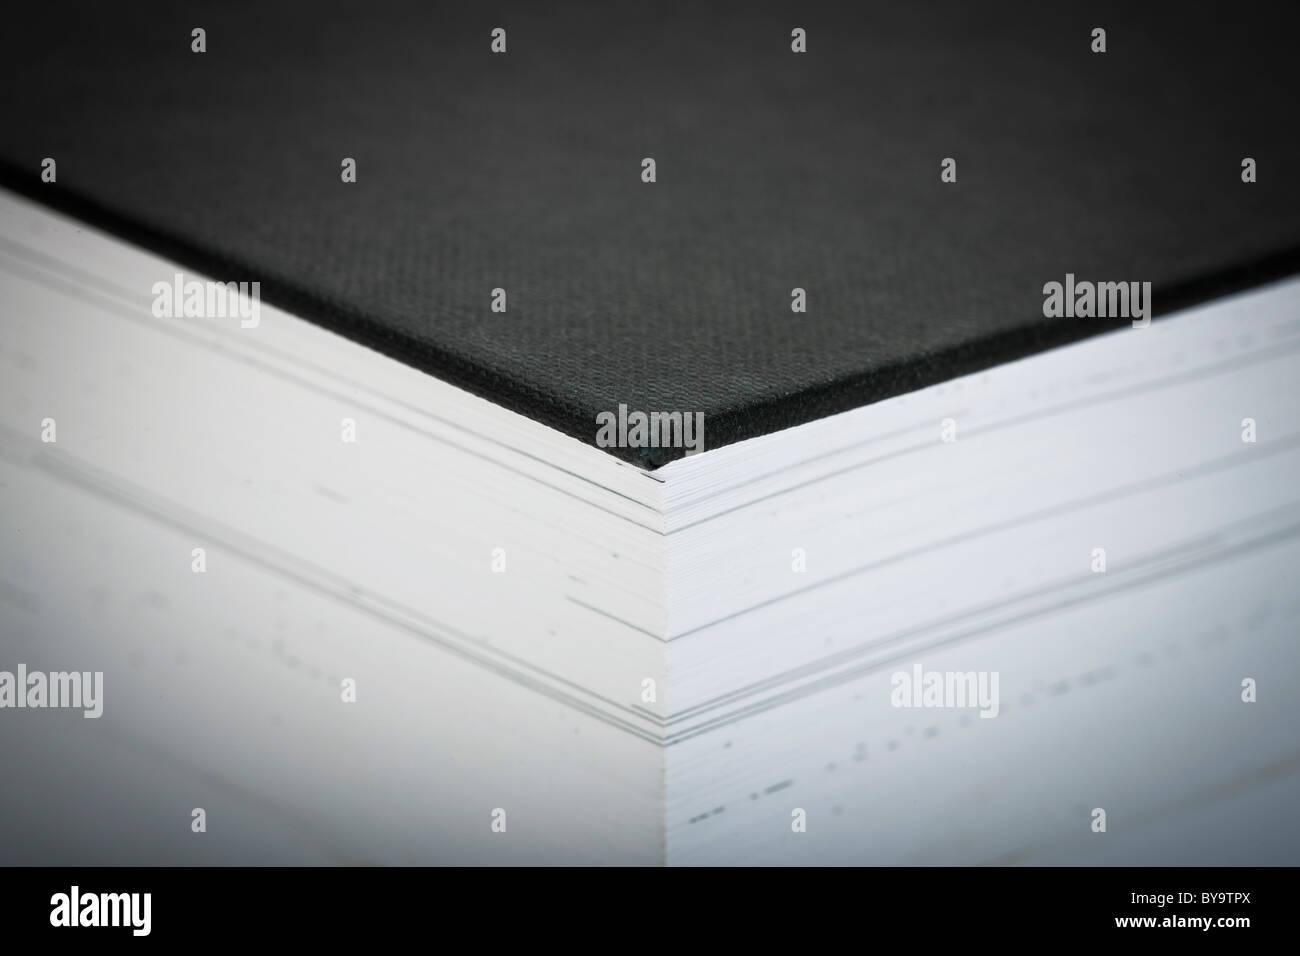 Extreme Nahaufnahme von ein dickes Buch - selektiven Fokus Stockbild